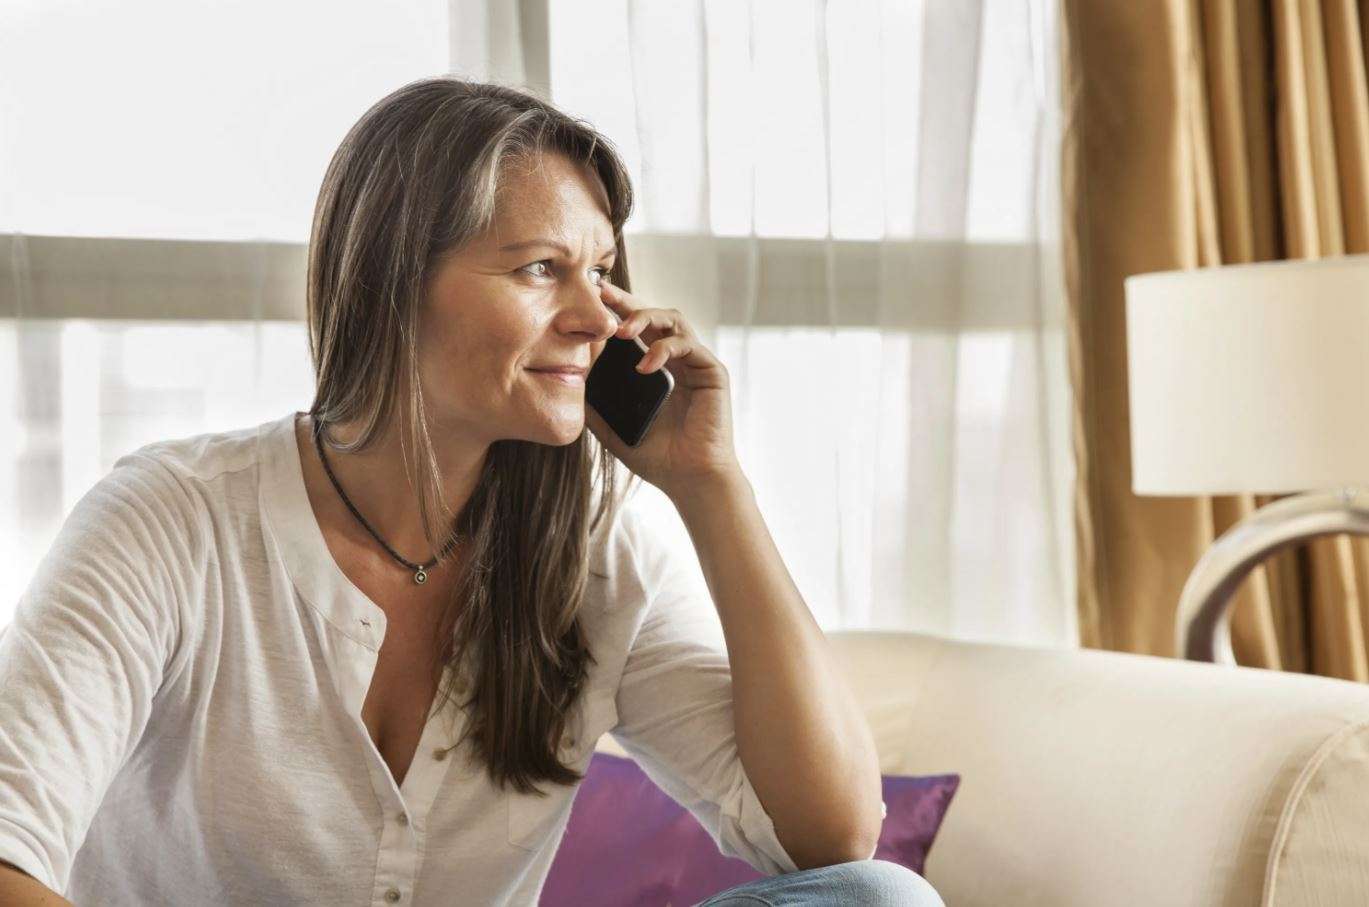 Домработница в глаза улыбается, а за глаза всем рассказывает гадости. «А зачем ее увольнять, они все так делают!» – говорит мама